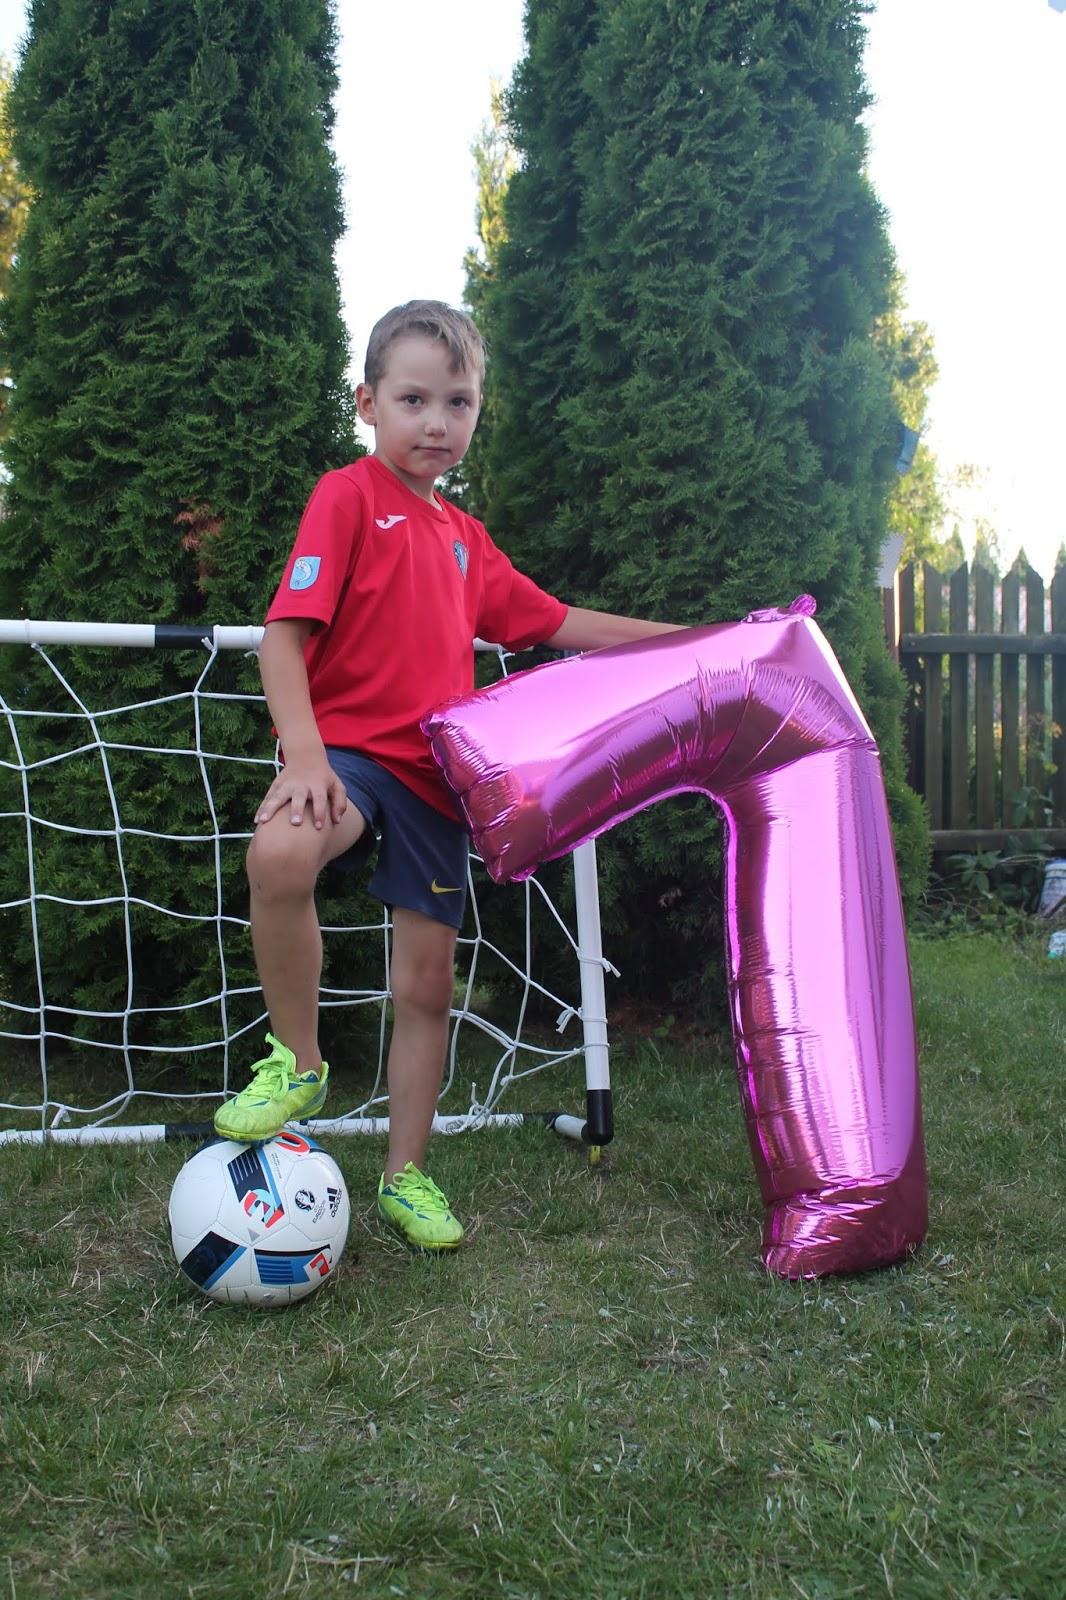 sesja piłkarska dla dziecka